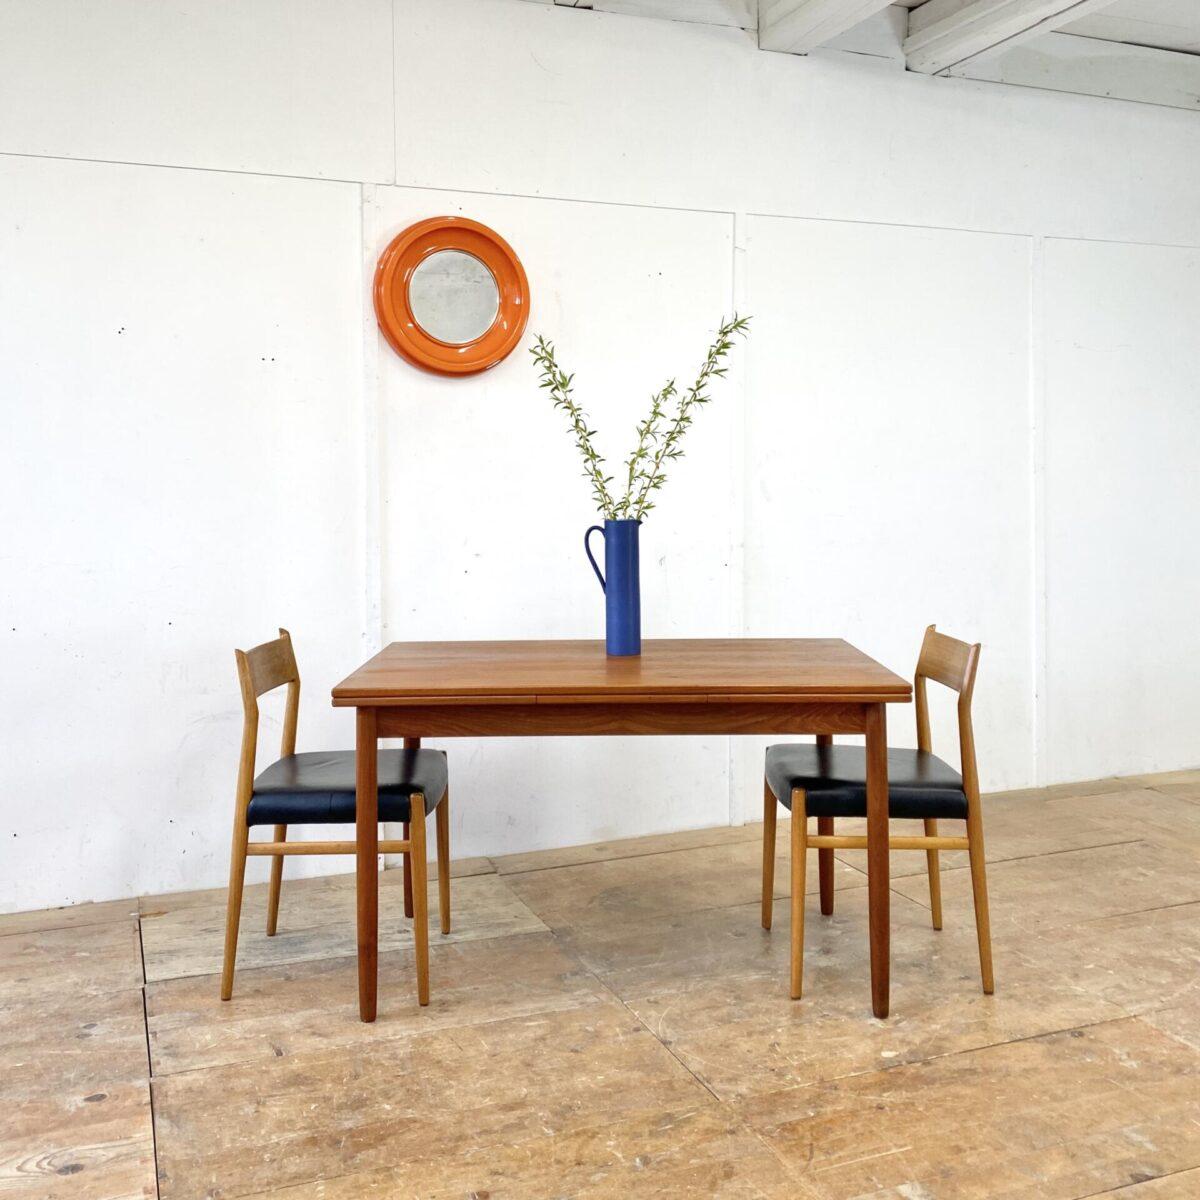 Deuxieme.shop 60er Jahre Teak Tisch denmark. Midcentury Teak Tisch. 125x80cm Höhe 73cm Ausgezogen 213x80cm. Der Küchentisch ist in gutem stabilen allgemein Zustand, kleinere Alters Abnützungen. Die konischen Rundbeine sind demontierbar.